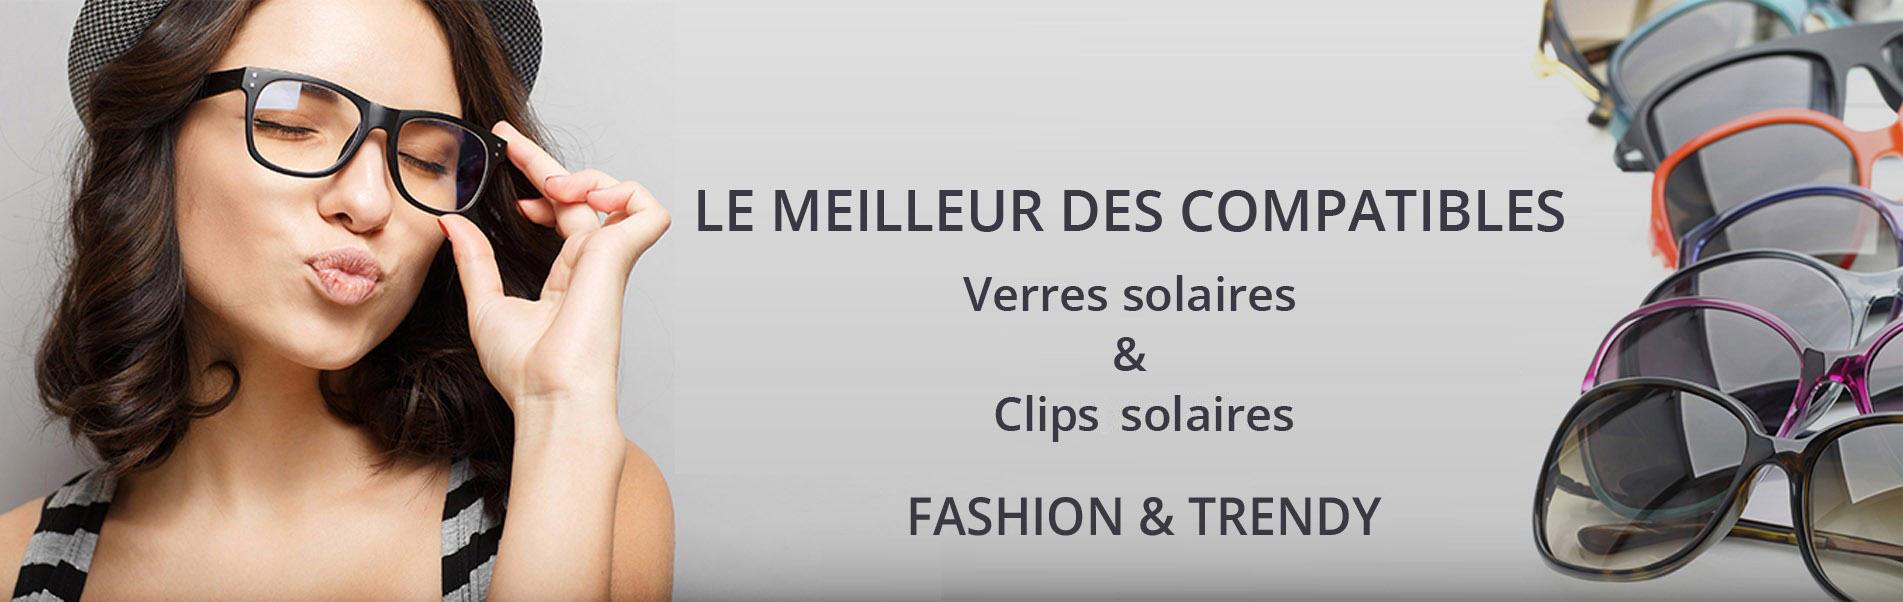 Clips solaires et Verres solaires - Changer mes verres